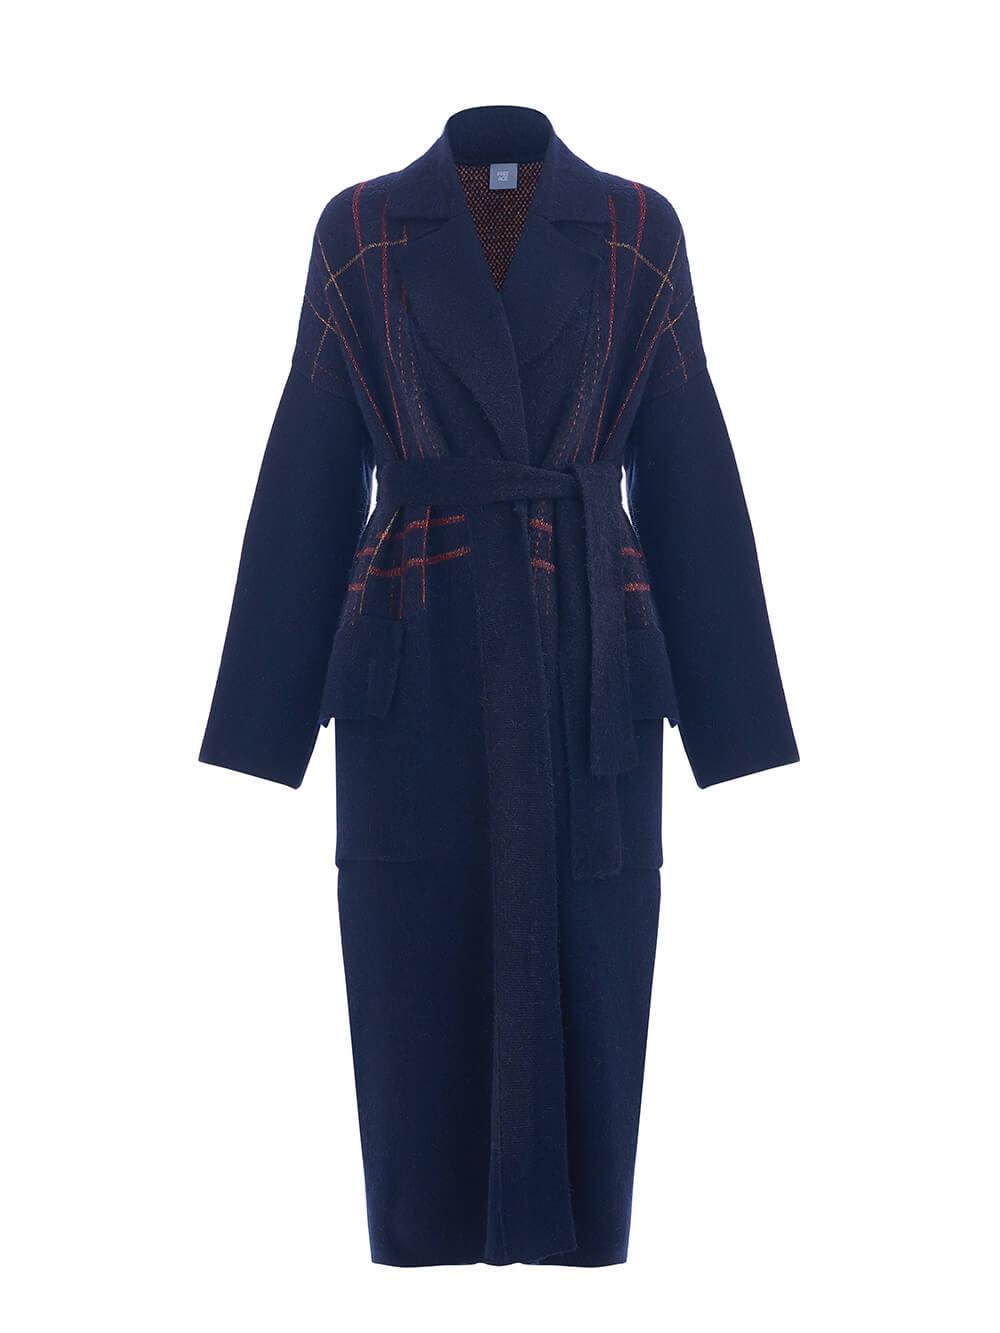 Женский кардиган темно-синего цвета из шерсти и кашемира - фото 1